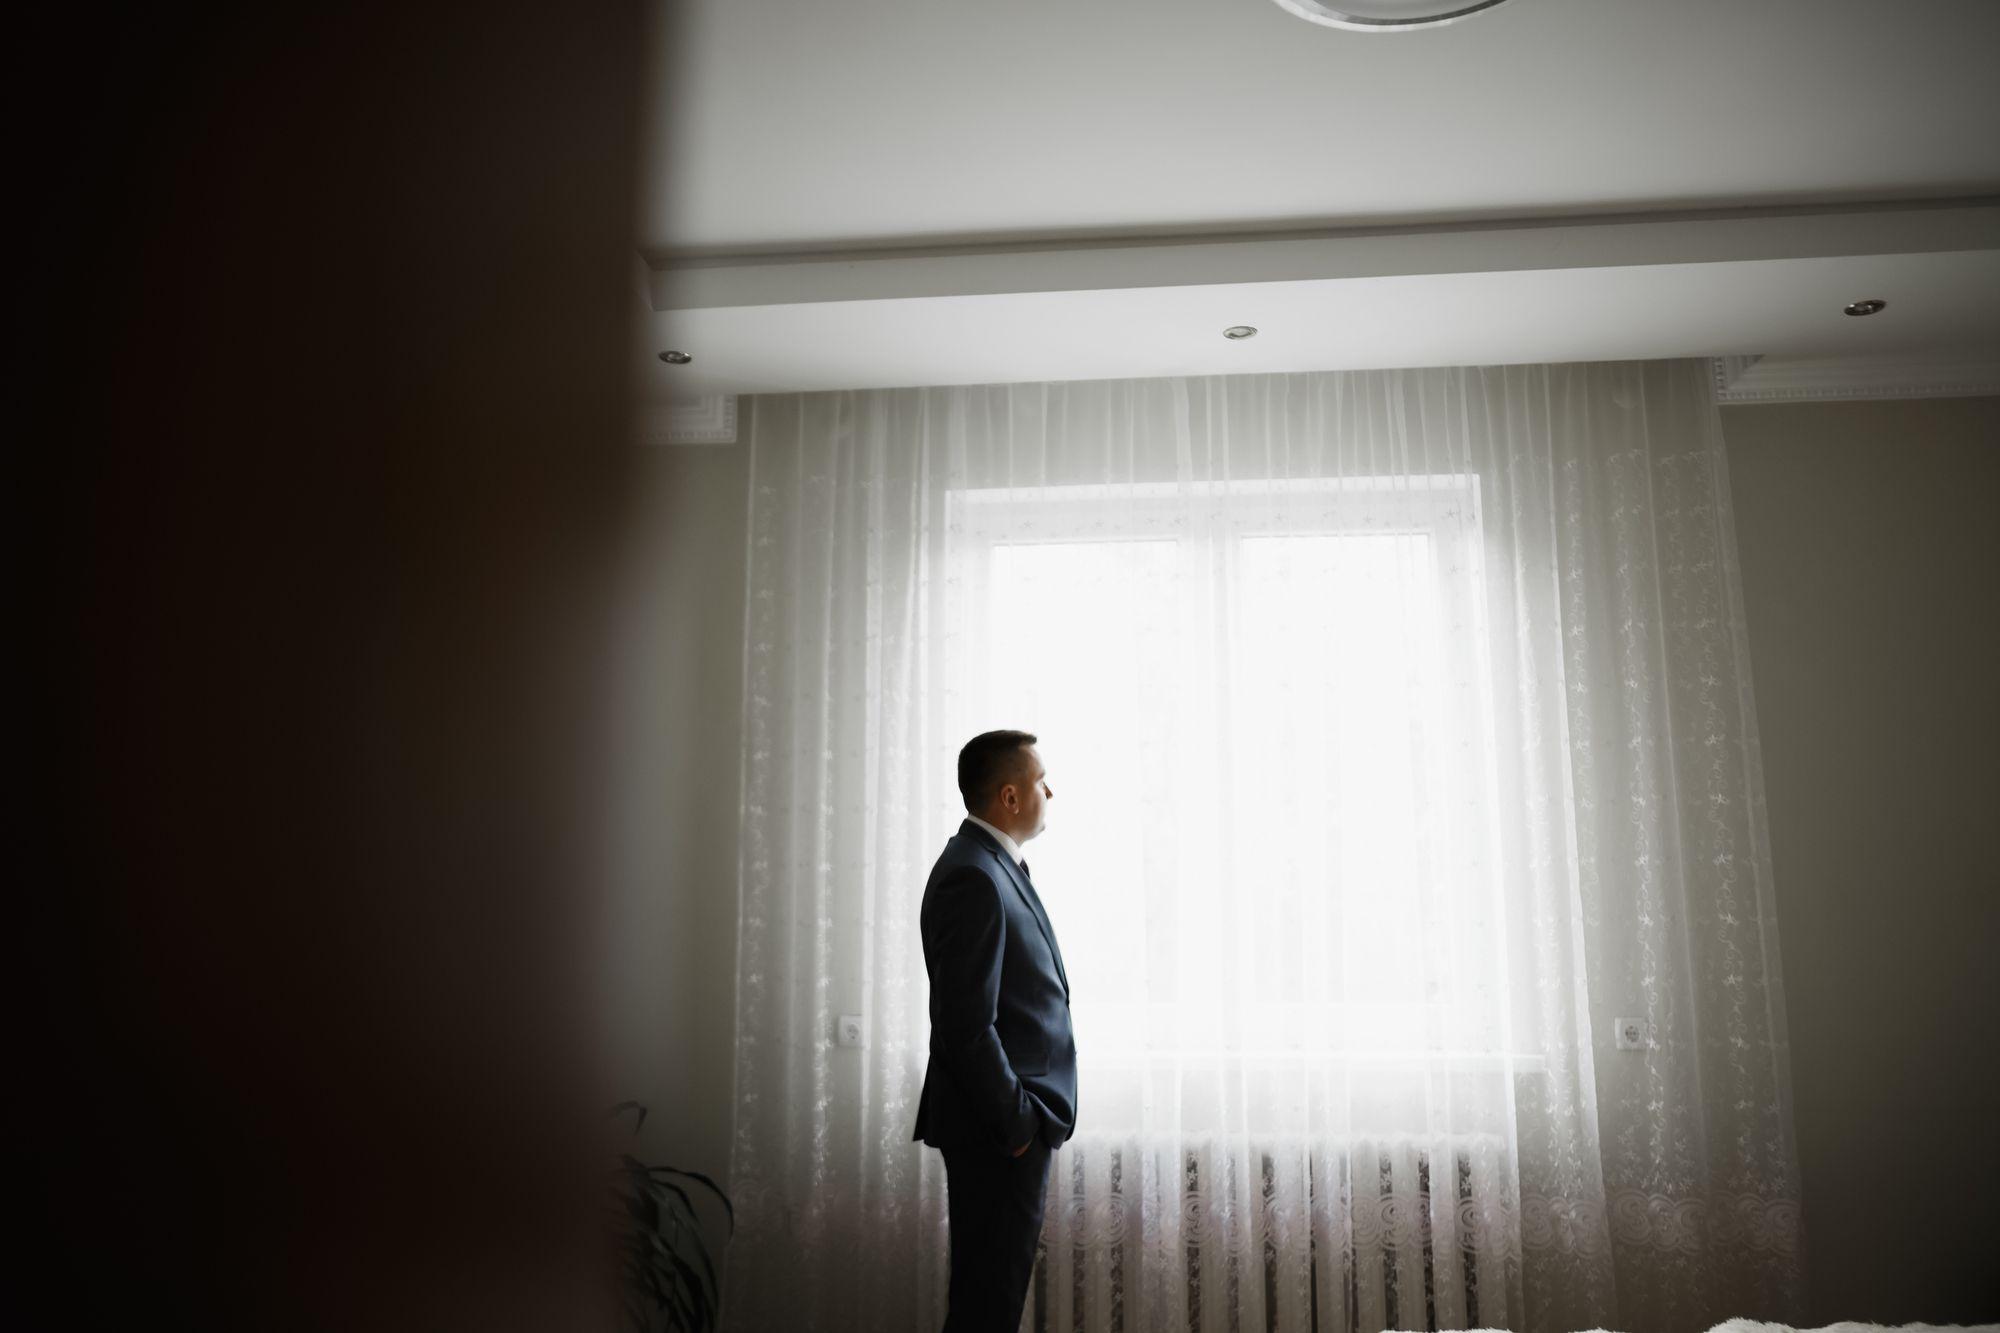 裏切り者への見せしめ…ロシアによる元スパイ襲撃事件の謎